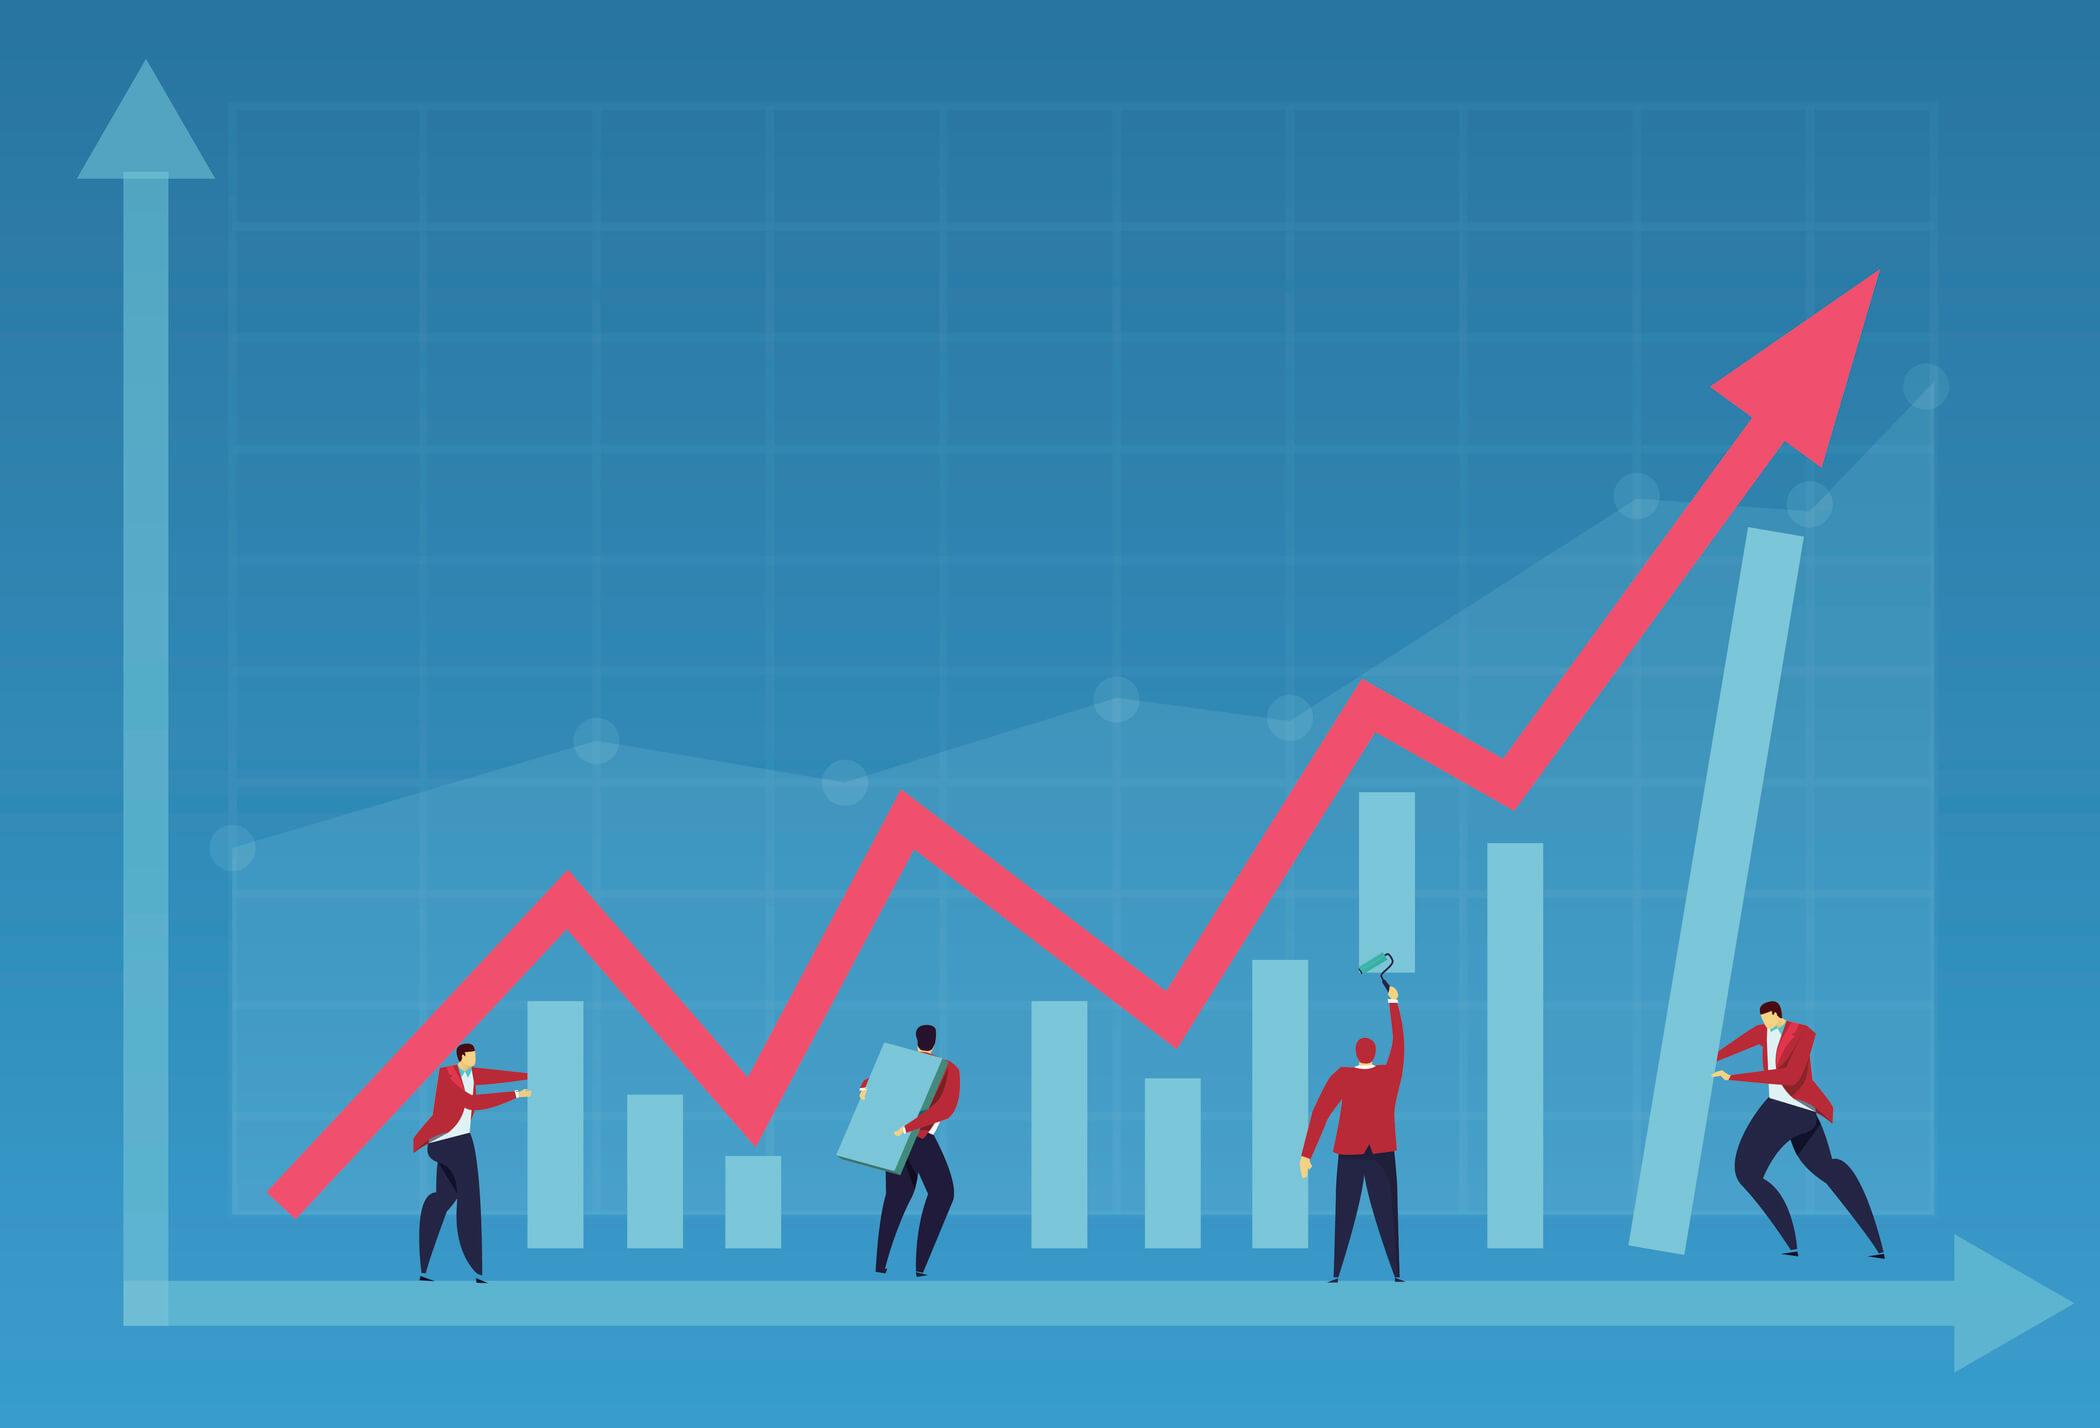 Descubra 4 Dicas De Como Aumentar A Lucratividade Da Empresa